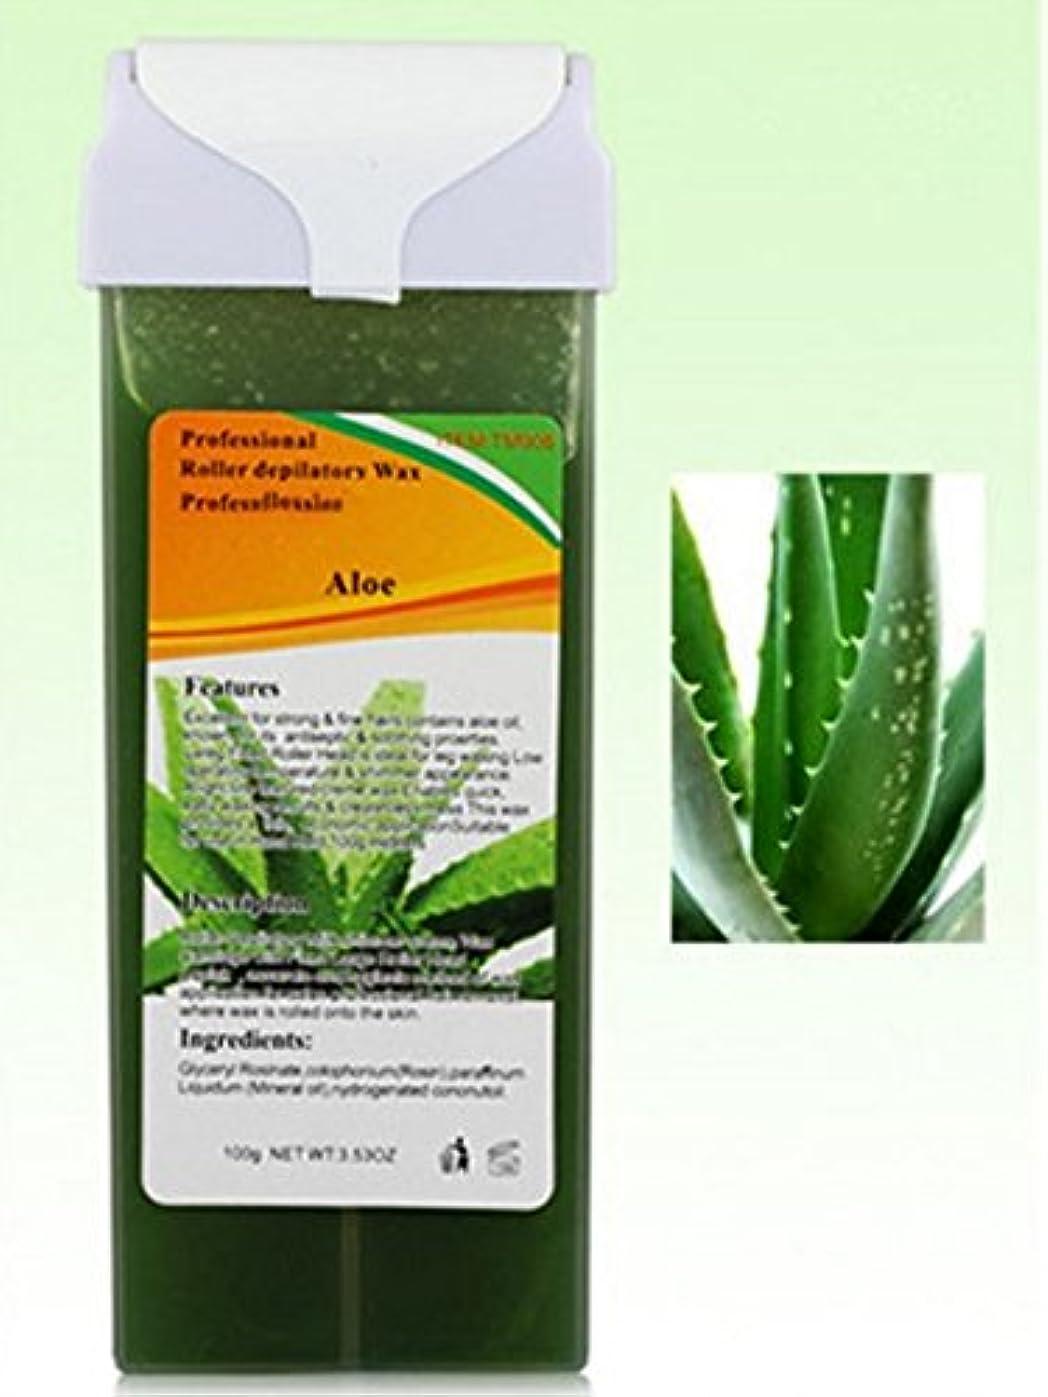 入手します五月どのくらいの頻度でRabugoo セクシー 脱毛プロフェッショナル使用水溶性脱毛砂糖ワックスカートリッジワックスグッドスメル - 100g / 3.53oz 100g Aloe Vera